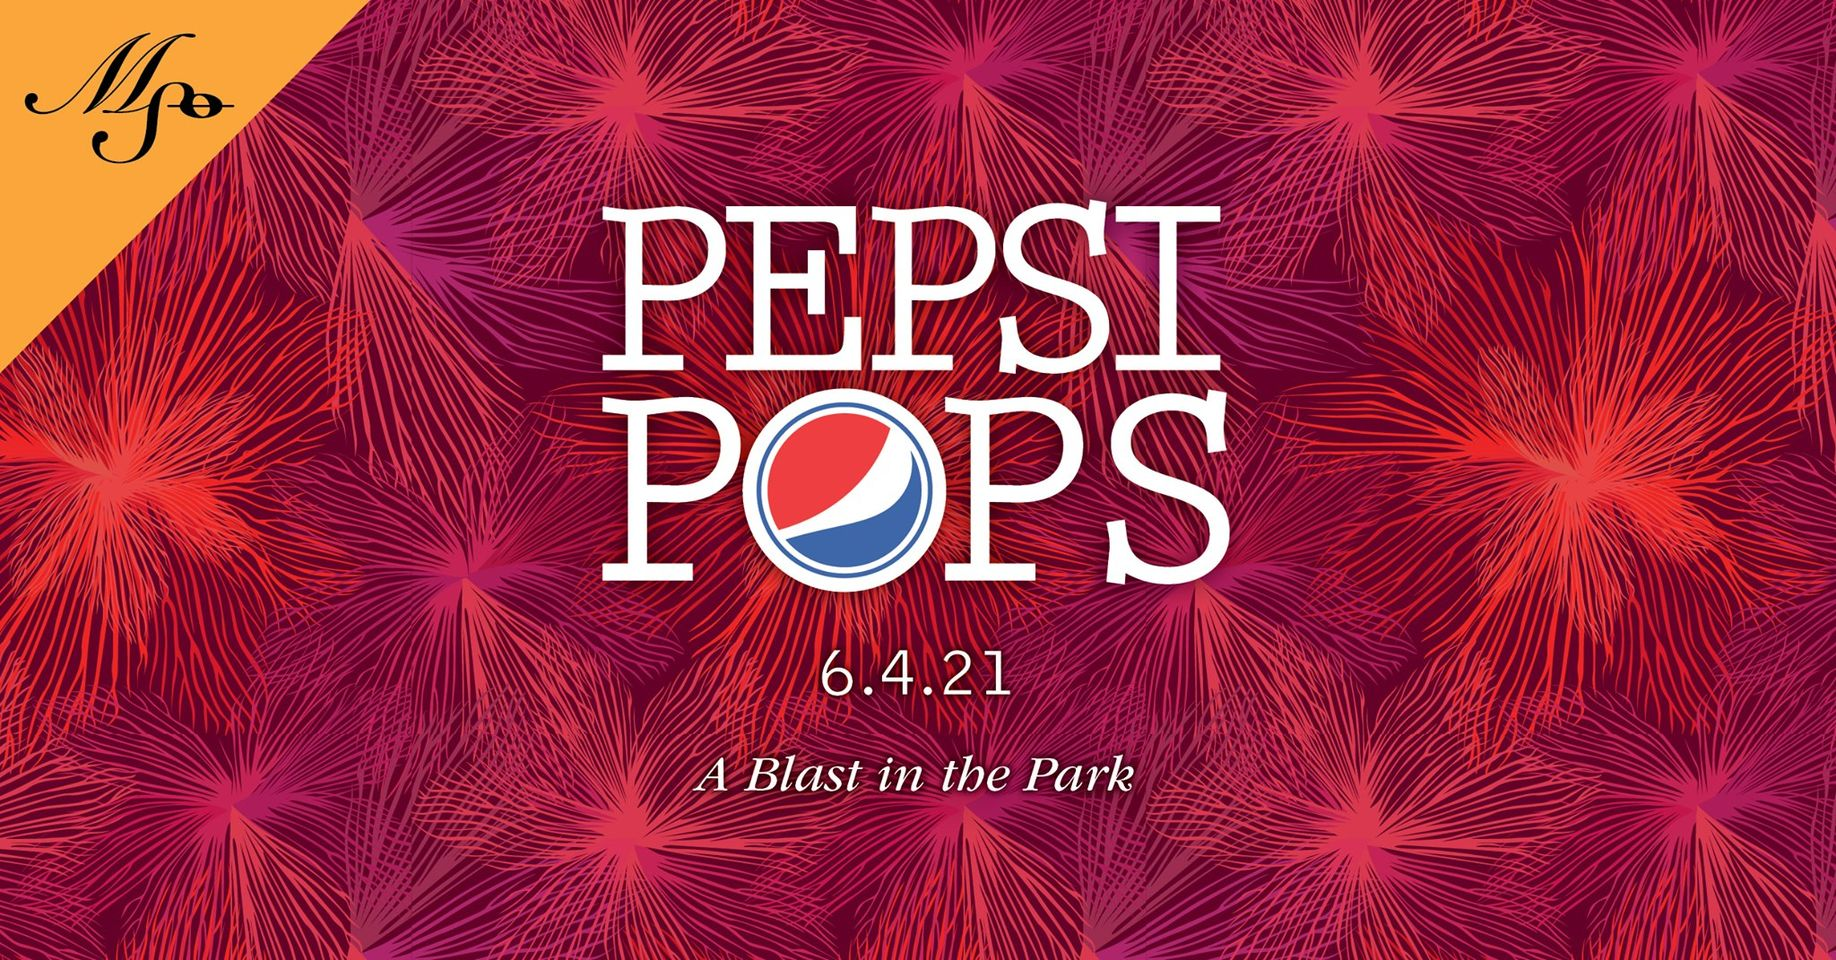 40th Annual Pepsi Pops – A Blast in The Park